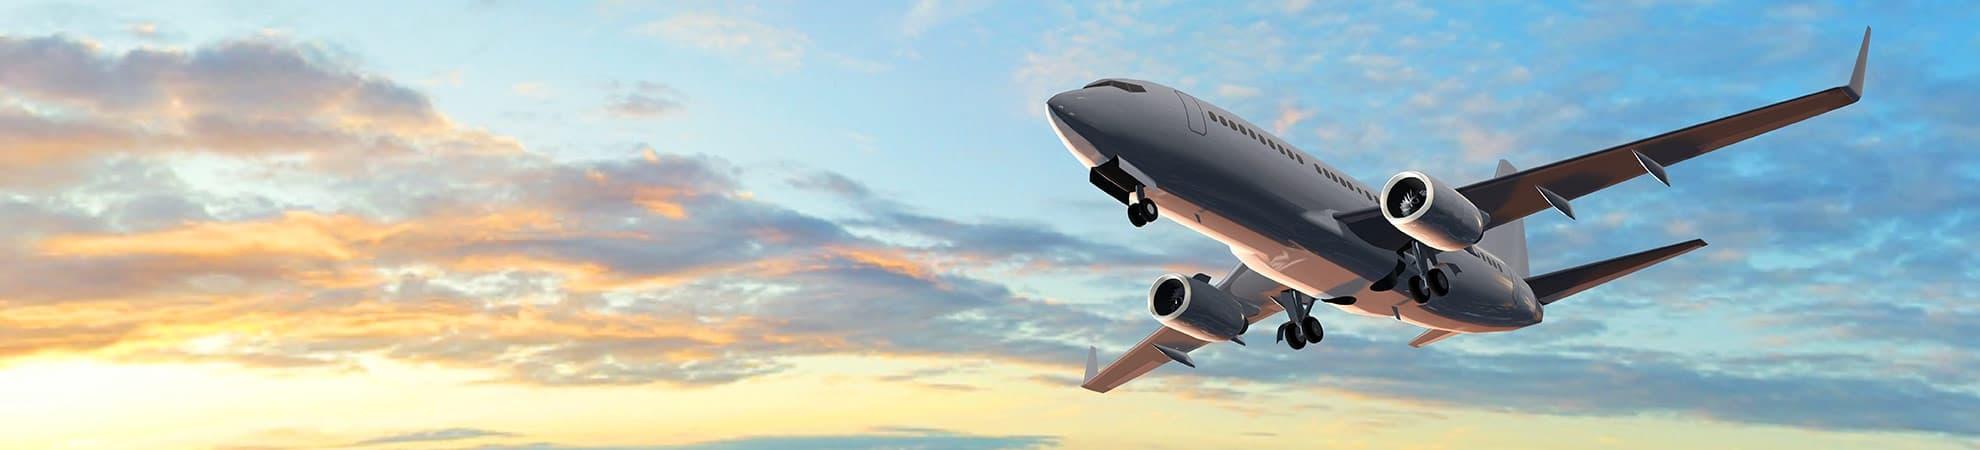 Vols internationaux au Sri Lanka